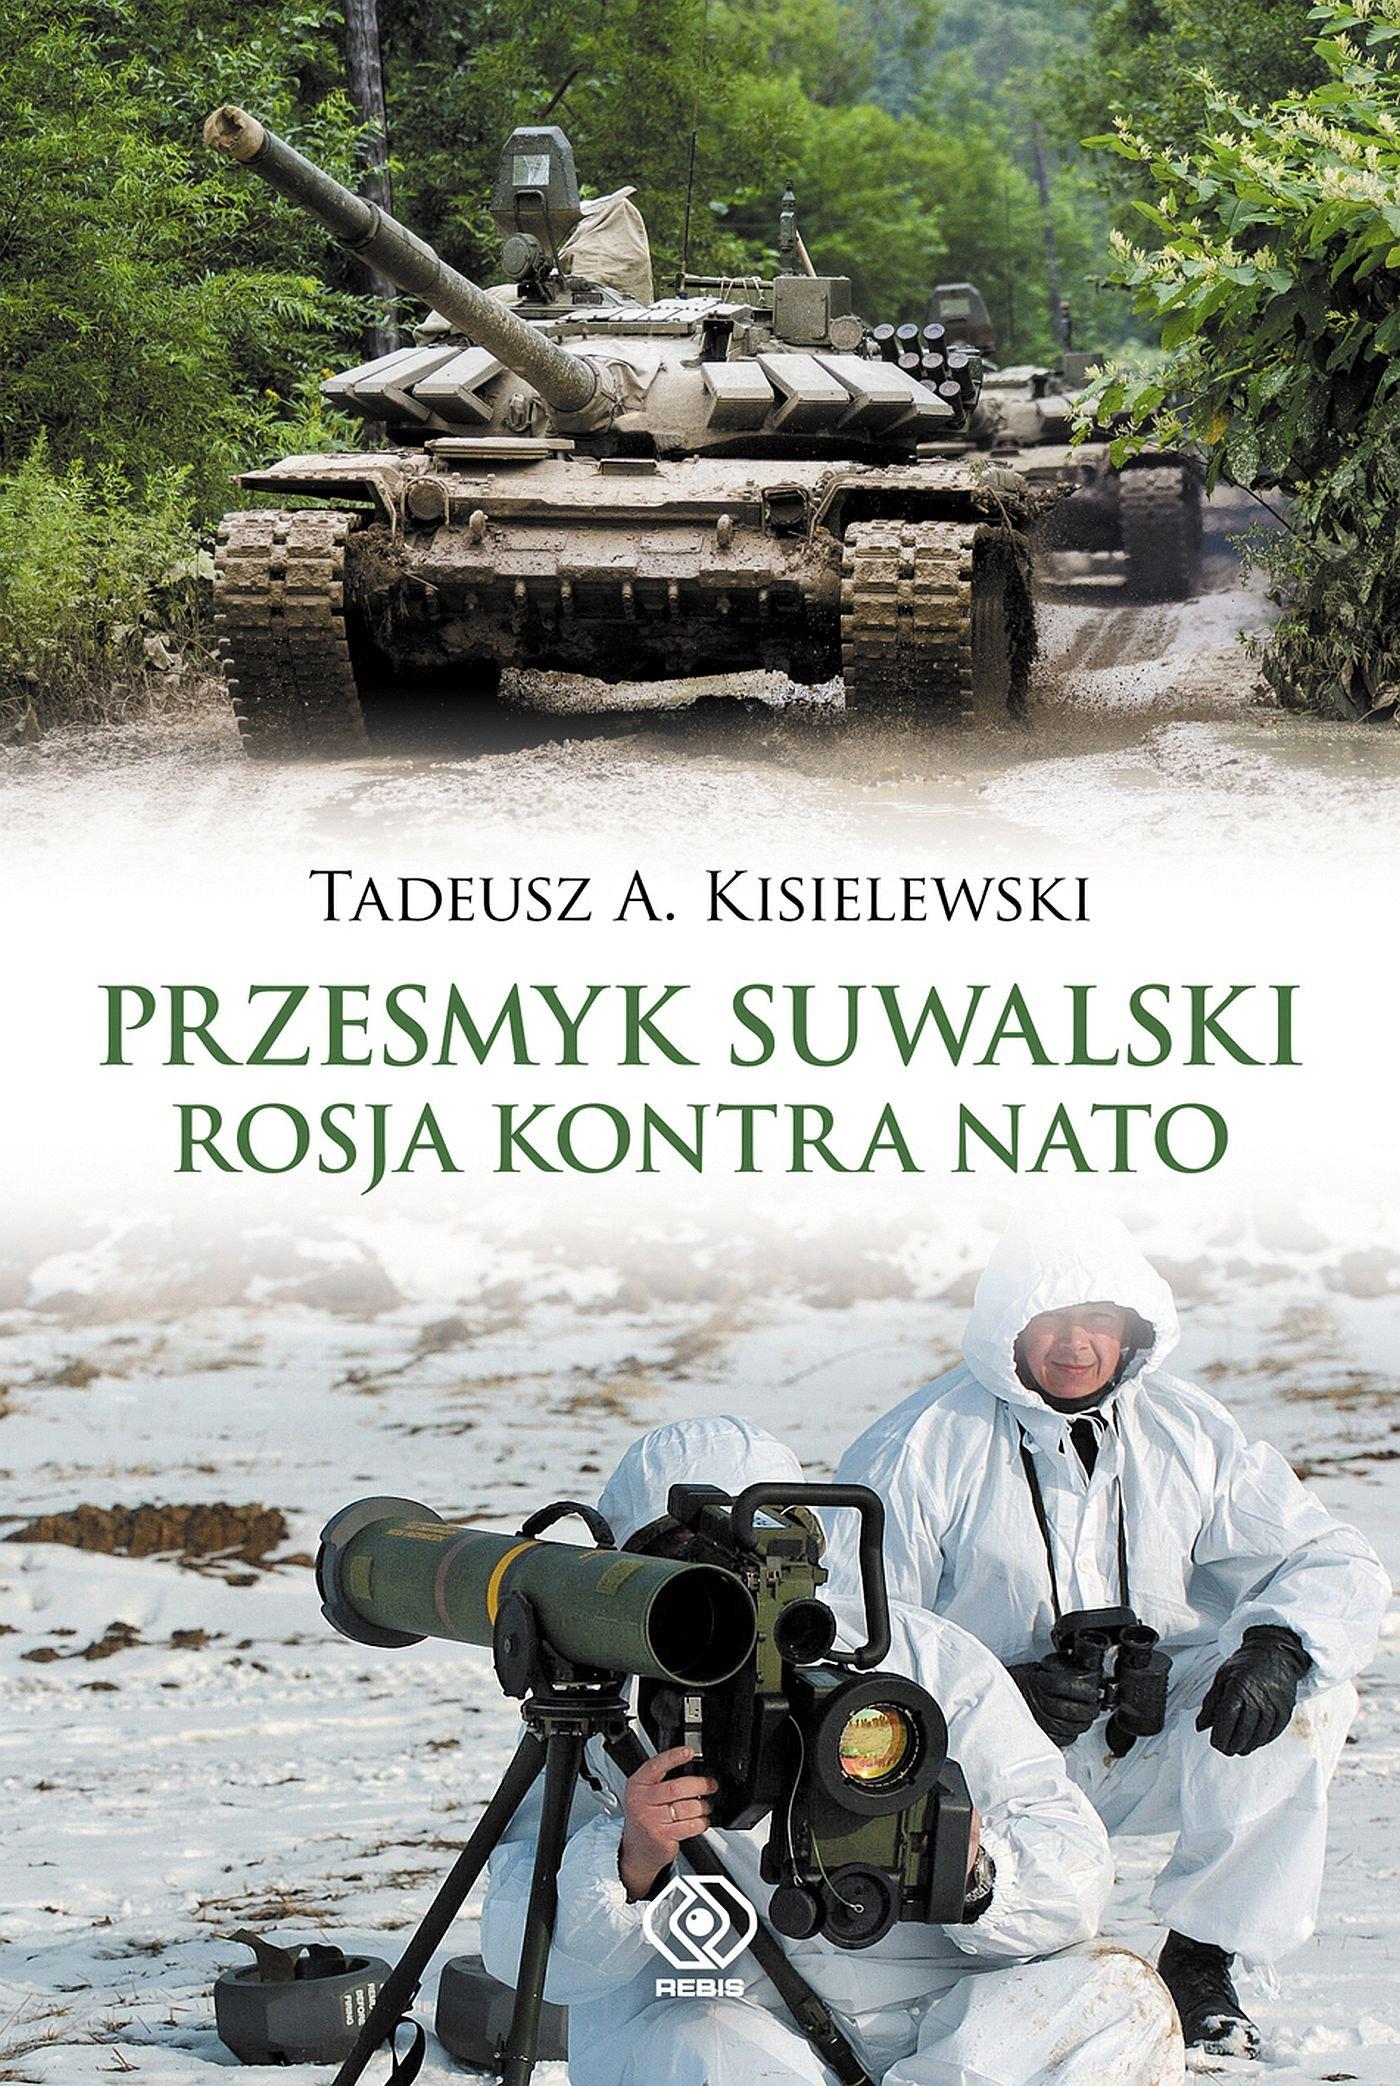 Przesmyk suwalski. Rosja kontra NATO - Ebook (Książka na Kindle) do pobrania w formacie MOBI